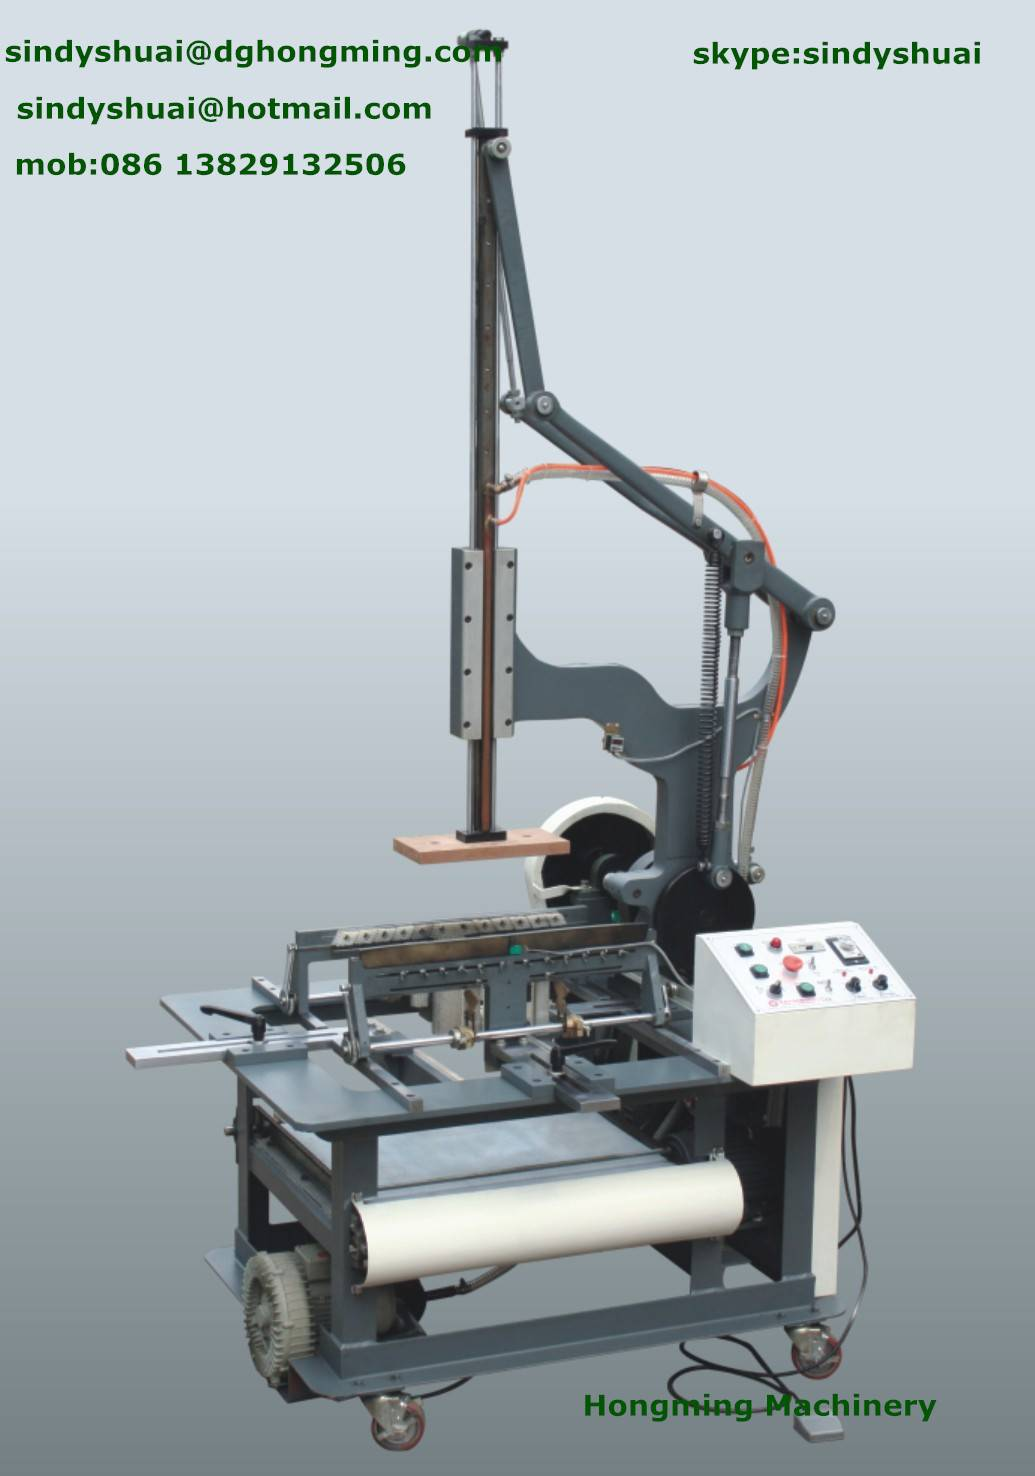 HM-500 Rigid Box Wrapping machine